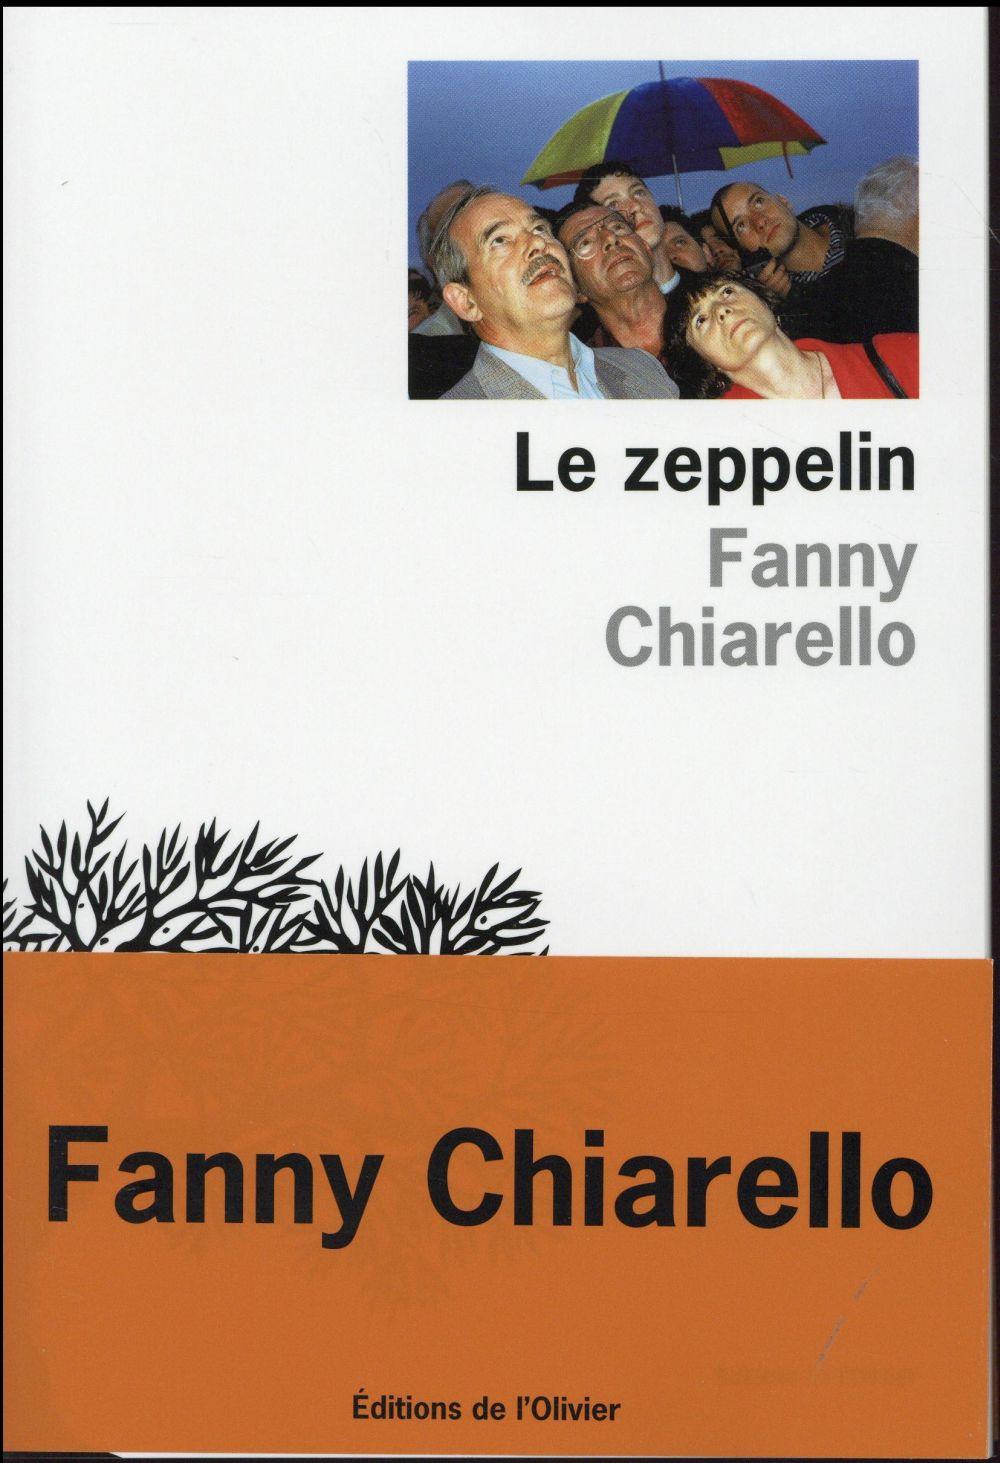 """La critique des lecteurs pour """"Le Zeppelin"""" de Fanny Chiarello"""